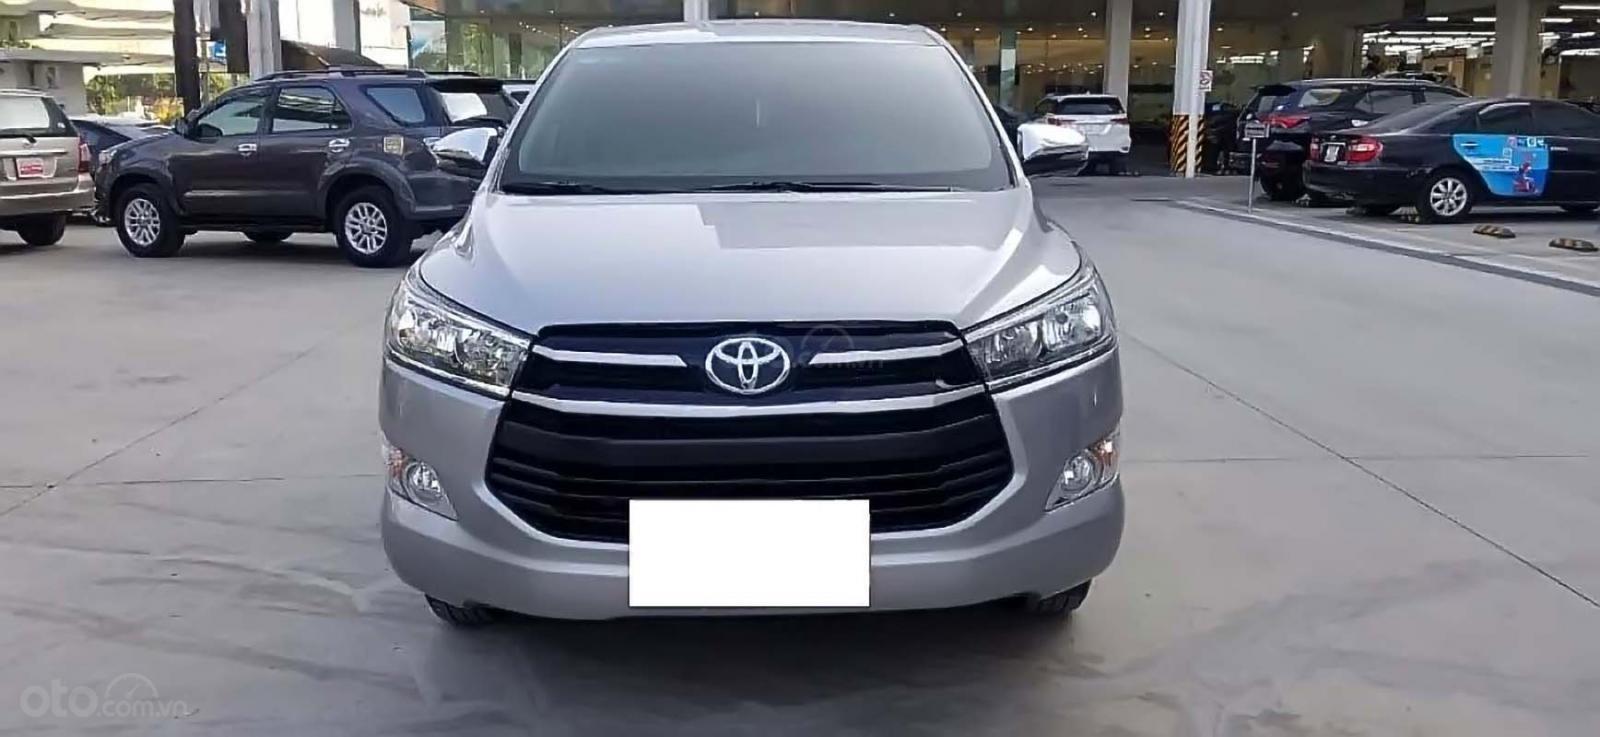 Bán xe Toyota Innova 2.0G năm sản xuất 2018, màu bạc, giá tốt (1)